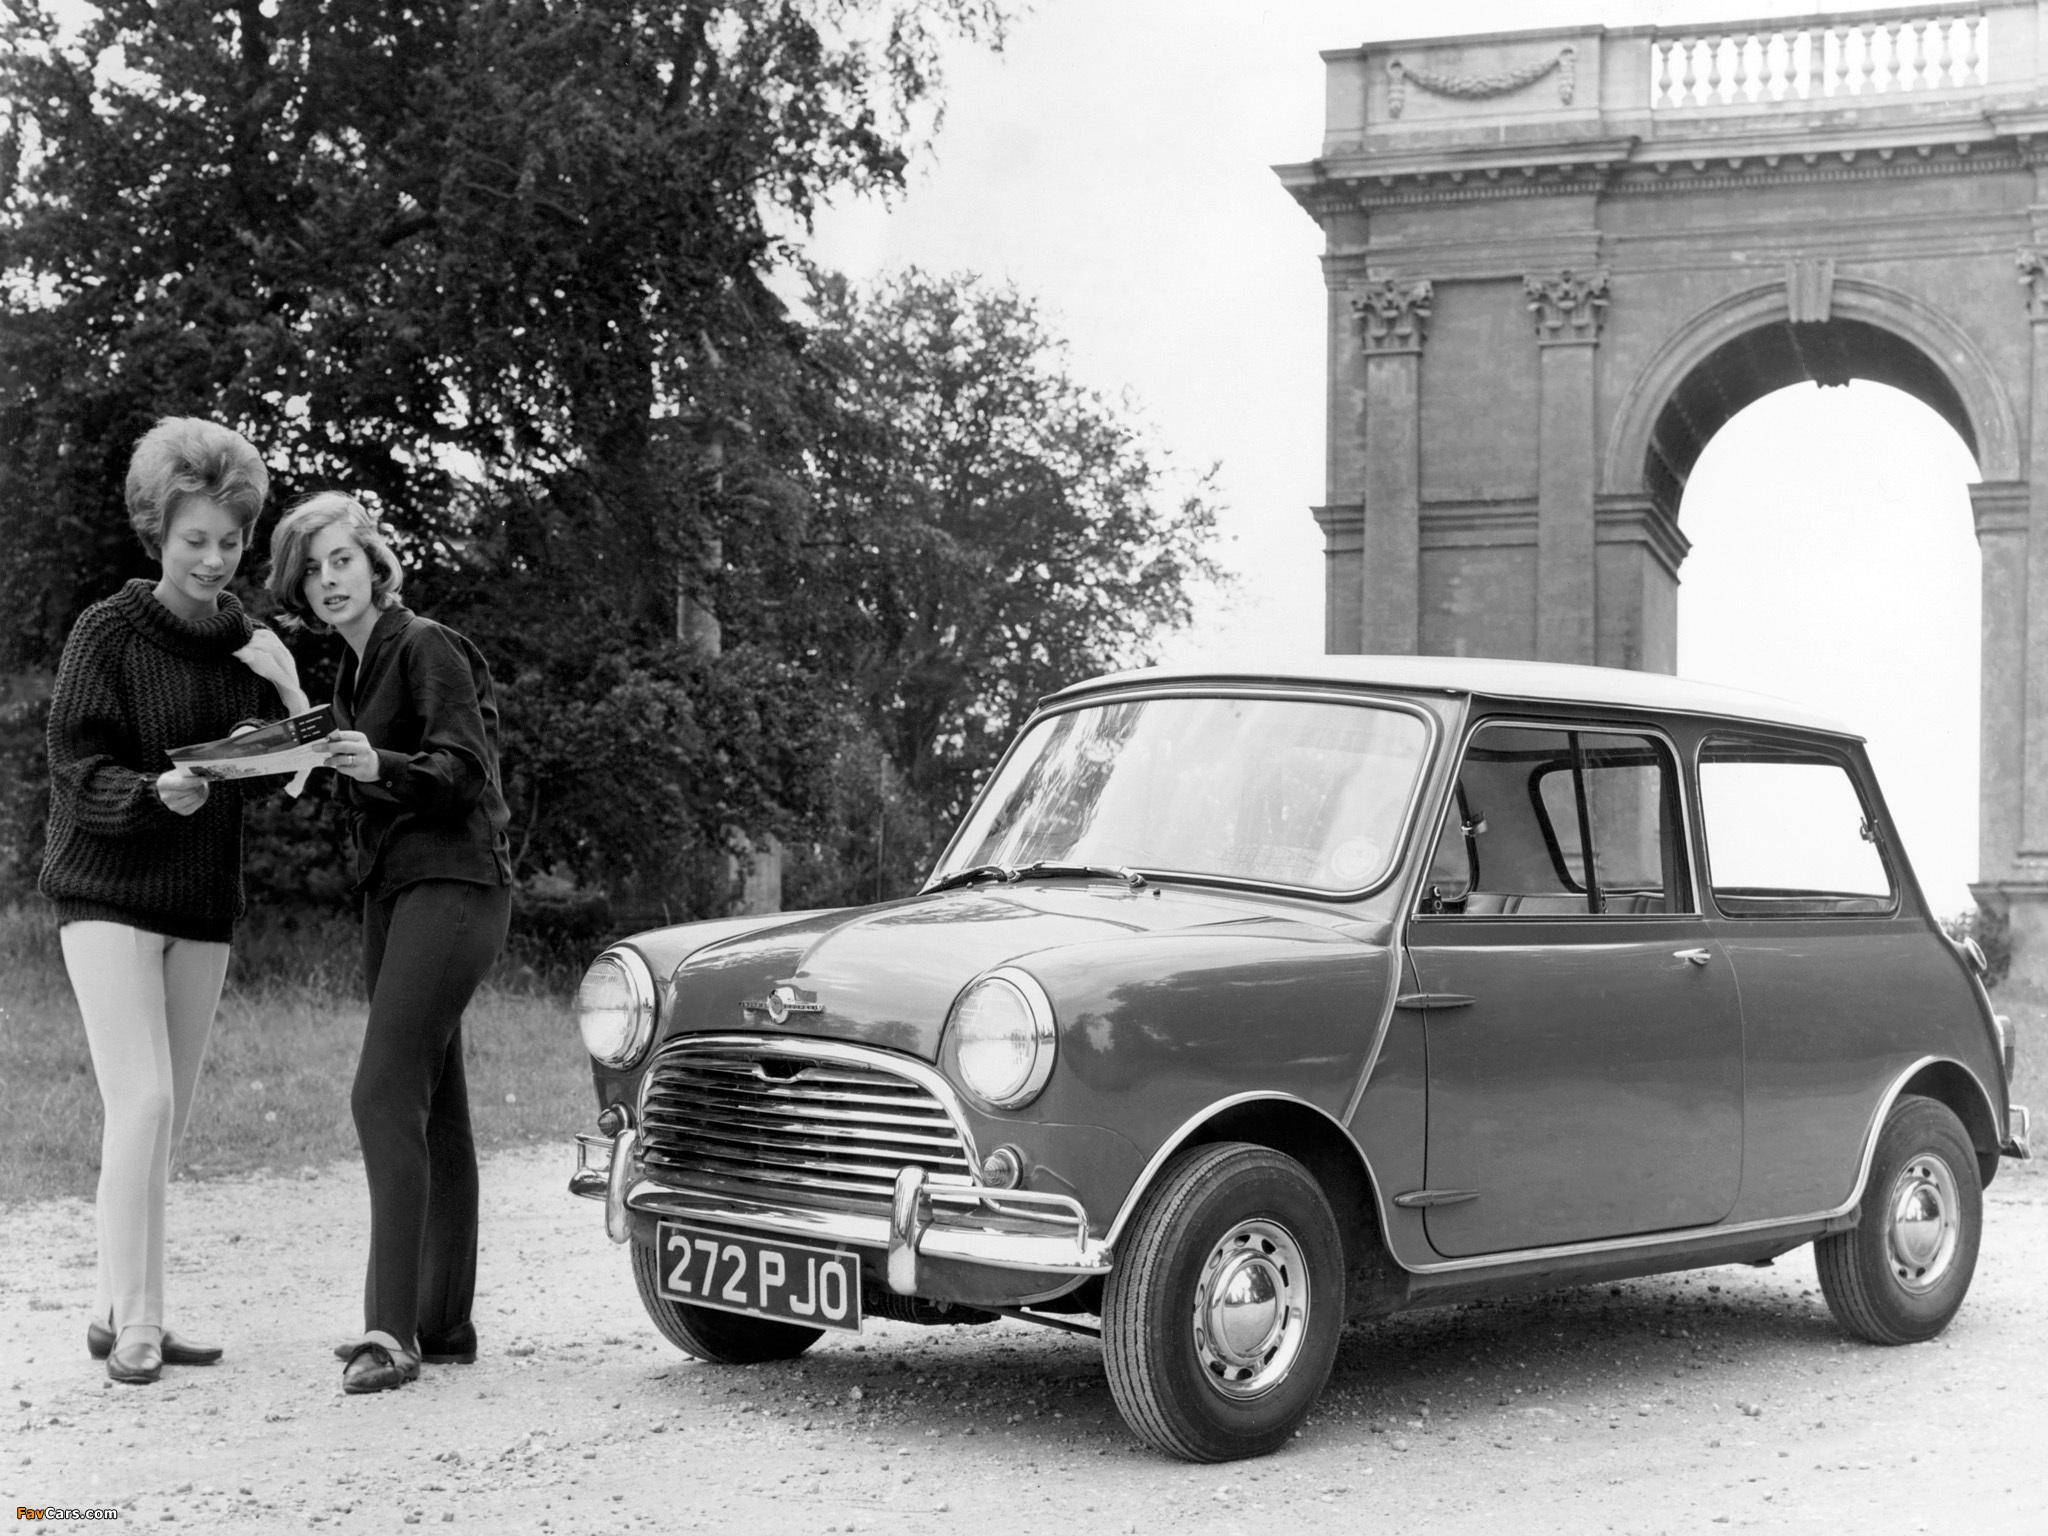 Morris Mini Cooper ADO15 196169 Images 2048x1536